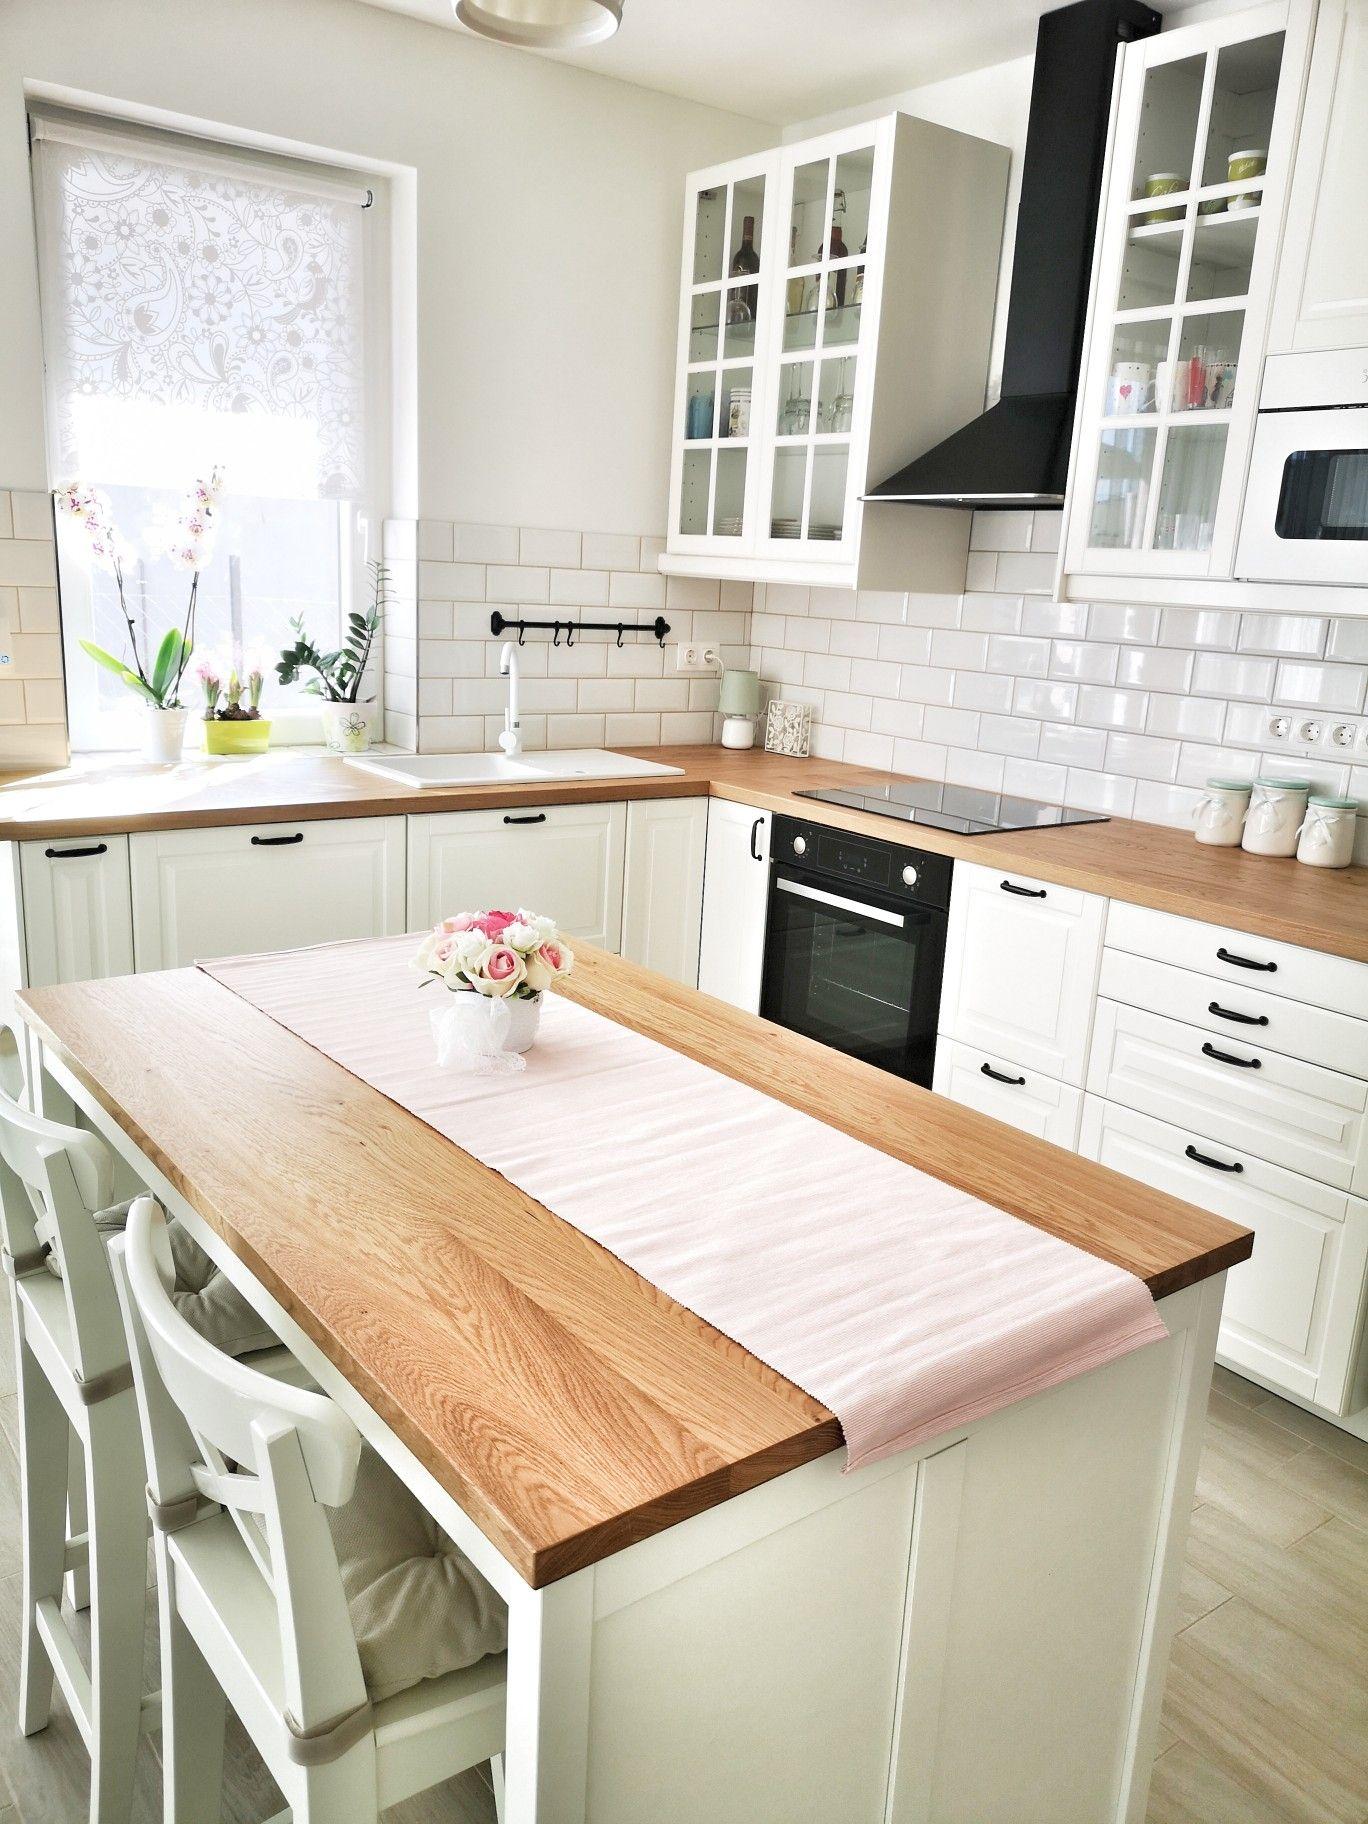 Full Size of Spring Is Coming Ikea Bodbyn Kitchen White Miniküche Vorhänge Küche Sofa Mit Schlaffunktion L Kleine Einrichten Wasserhahn Sitzecke Bett 180x200 Bettkasten Wohnzimmer Ikea Küche Mit Insel